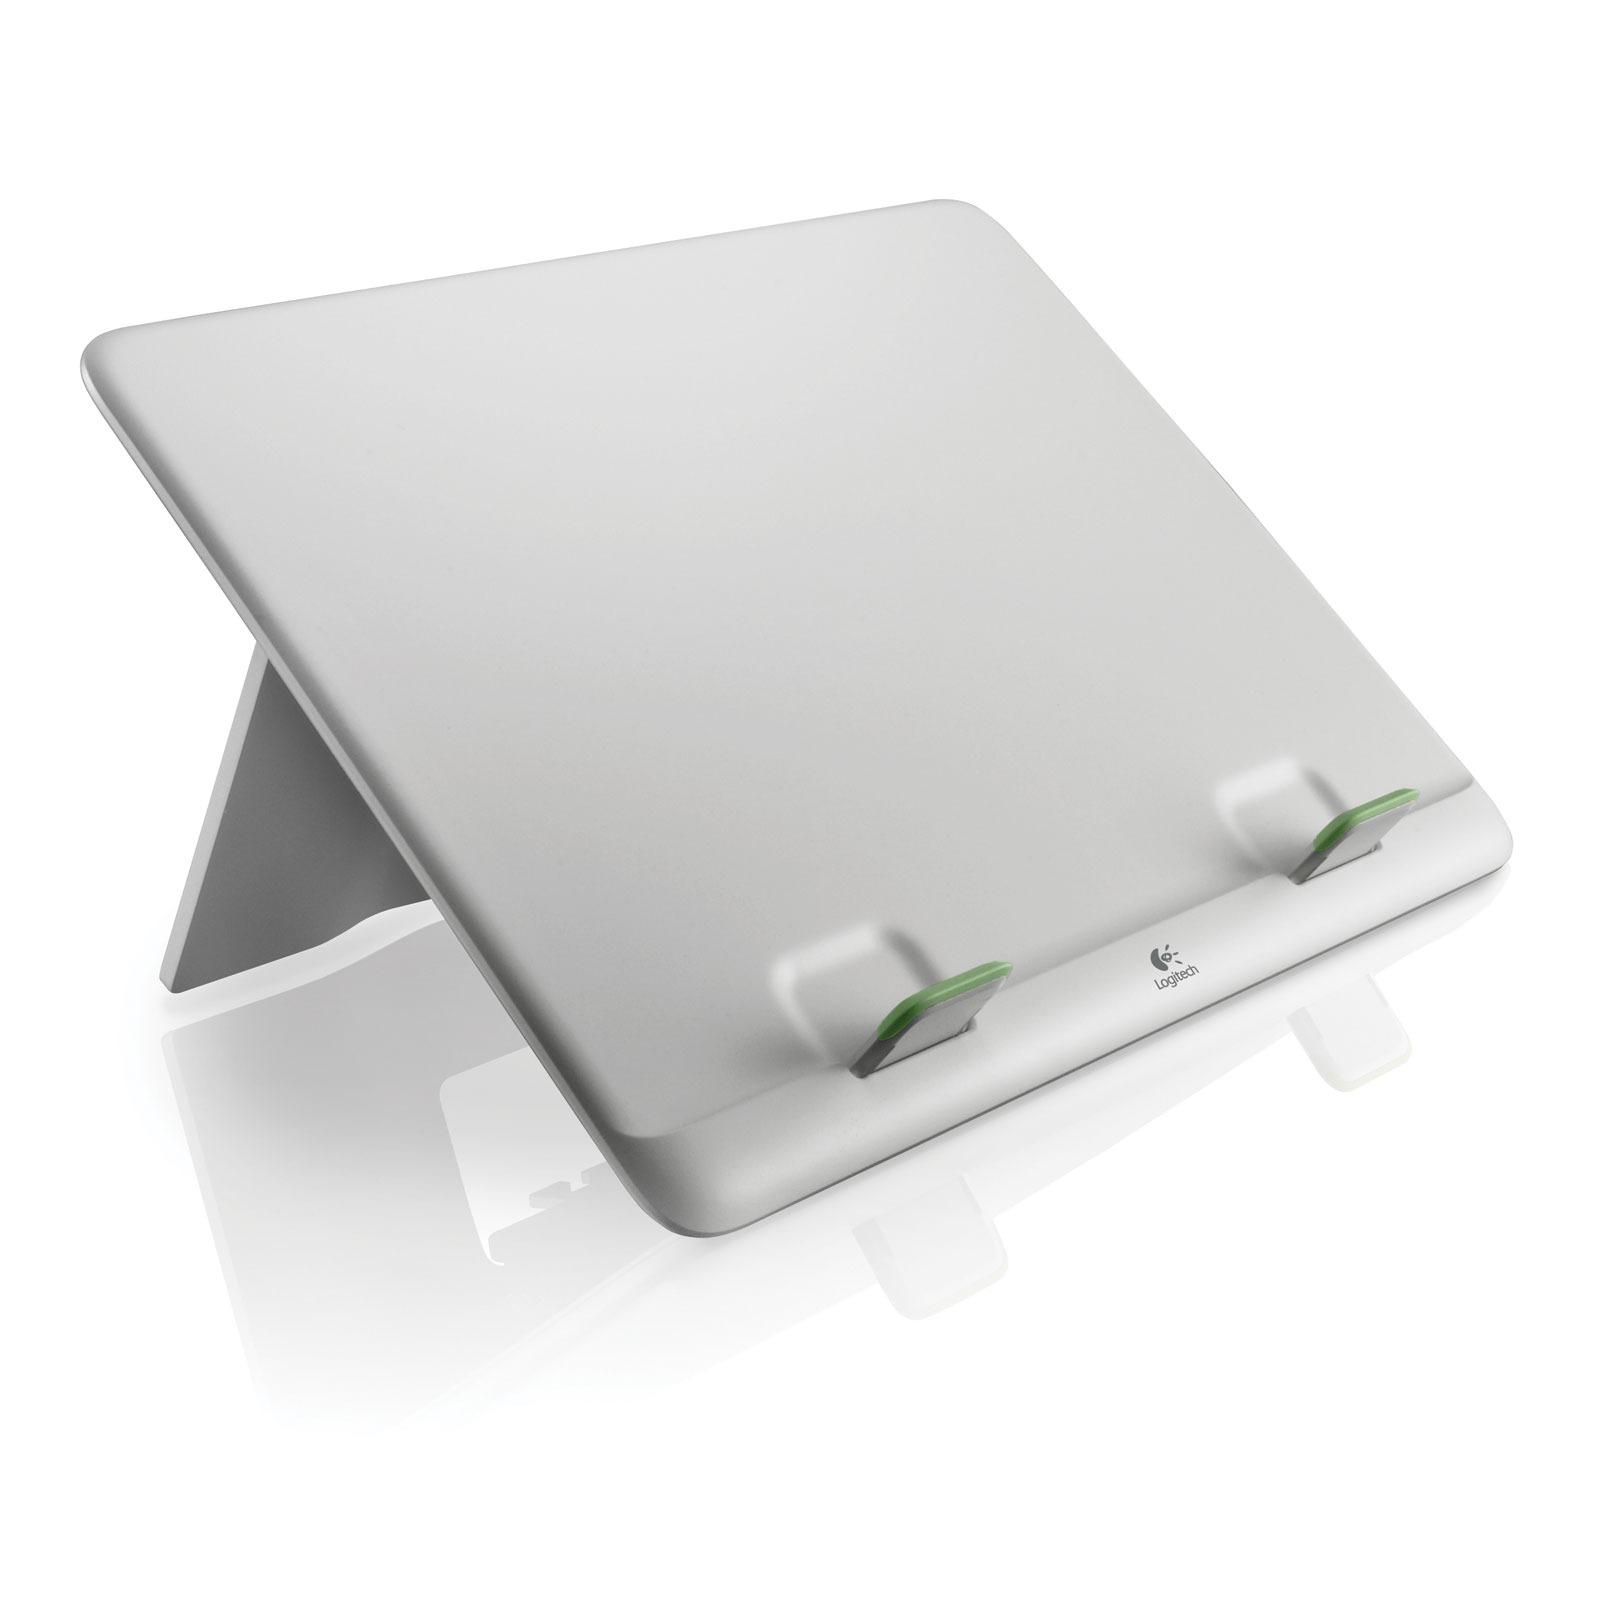 logitech notebook riser n110 accessoires pc portable logitech sur. Black Bedroom Furniture Sets. Home Design Ideas